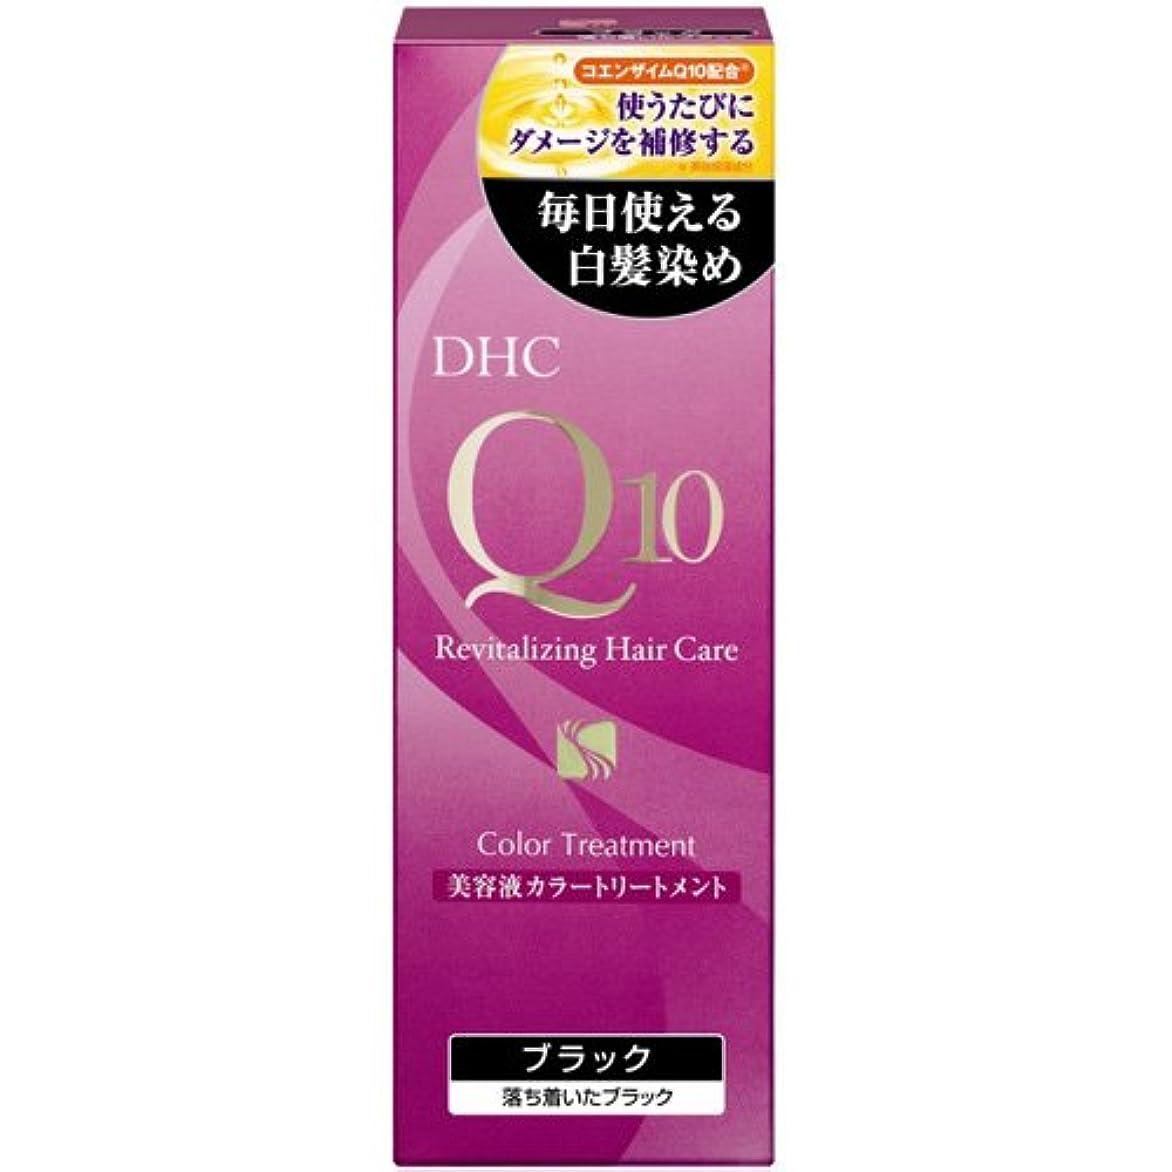 ミネラル水平聖職者DHC Q10美溶液カラートリートメントブラックSS170g